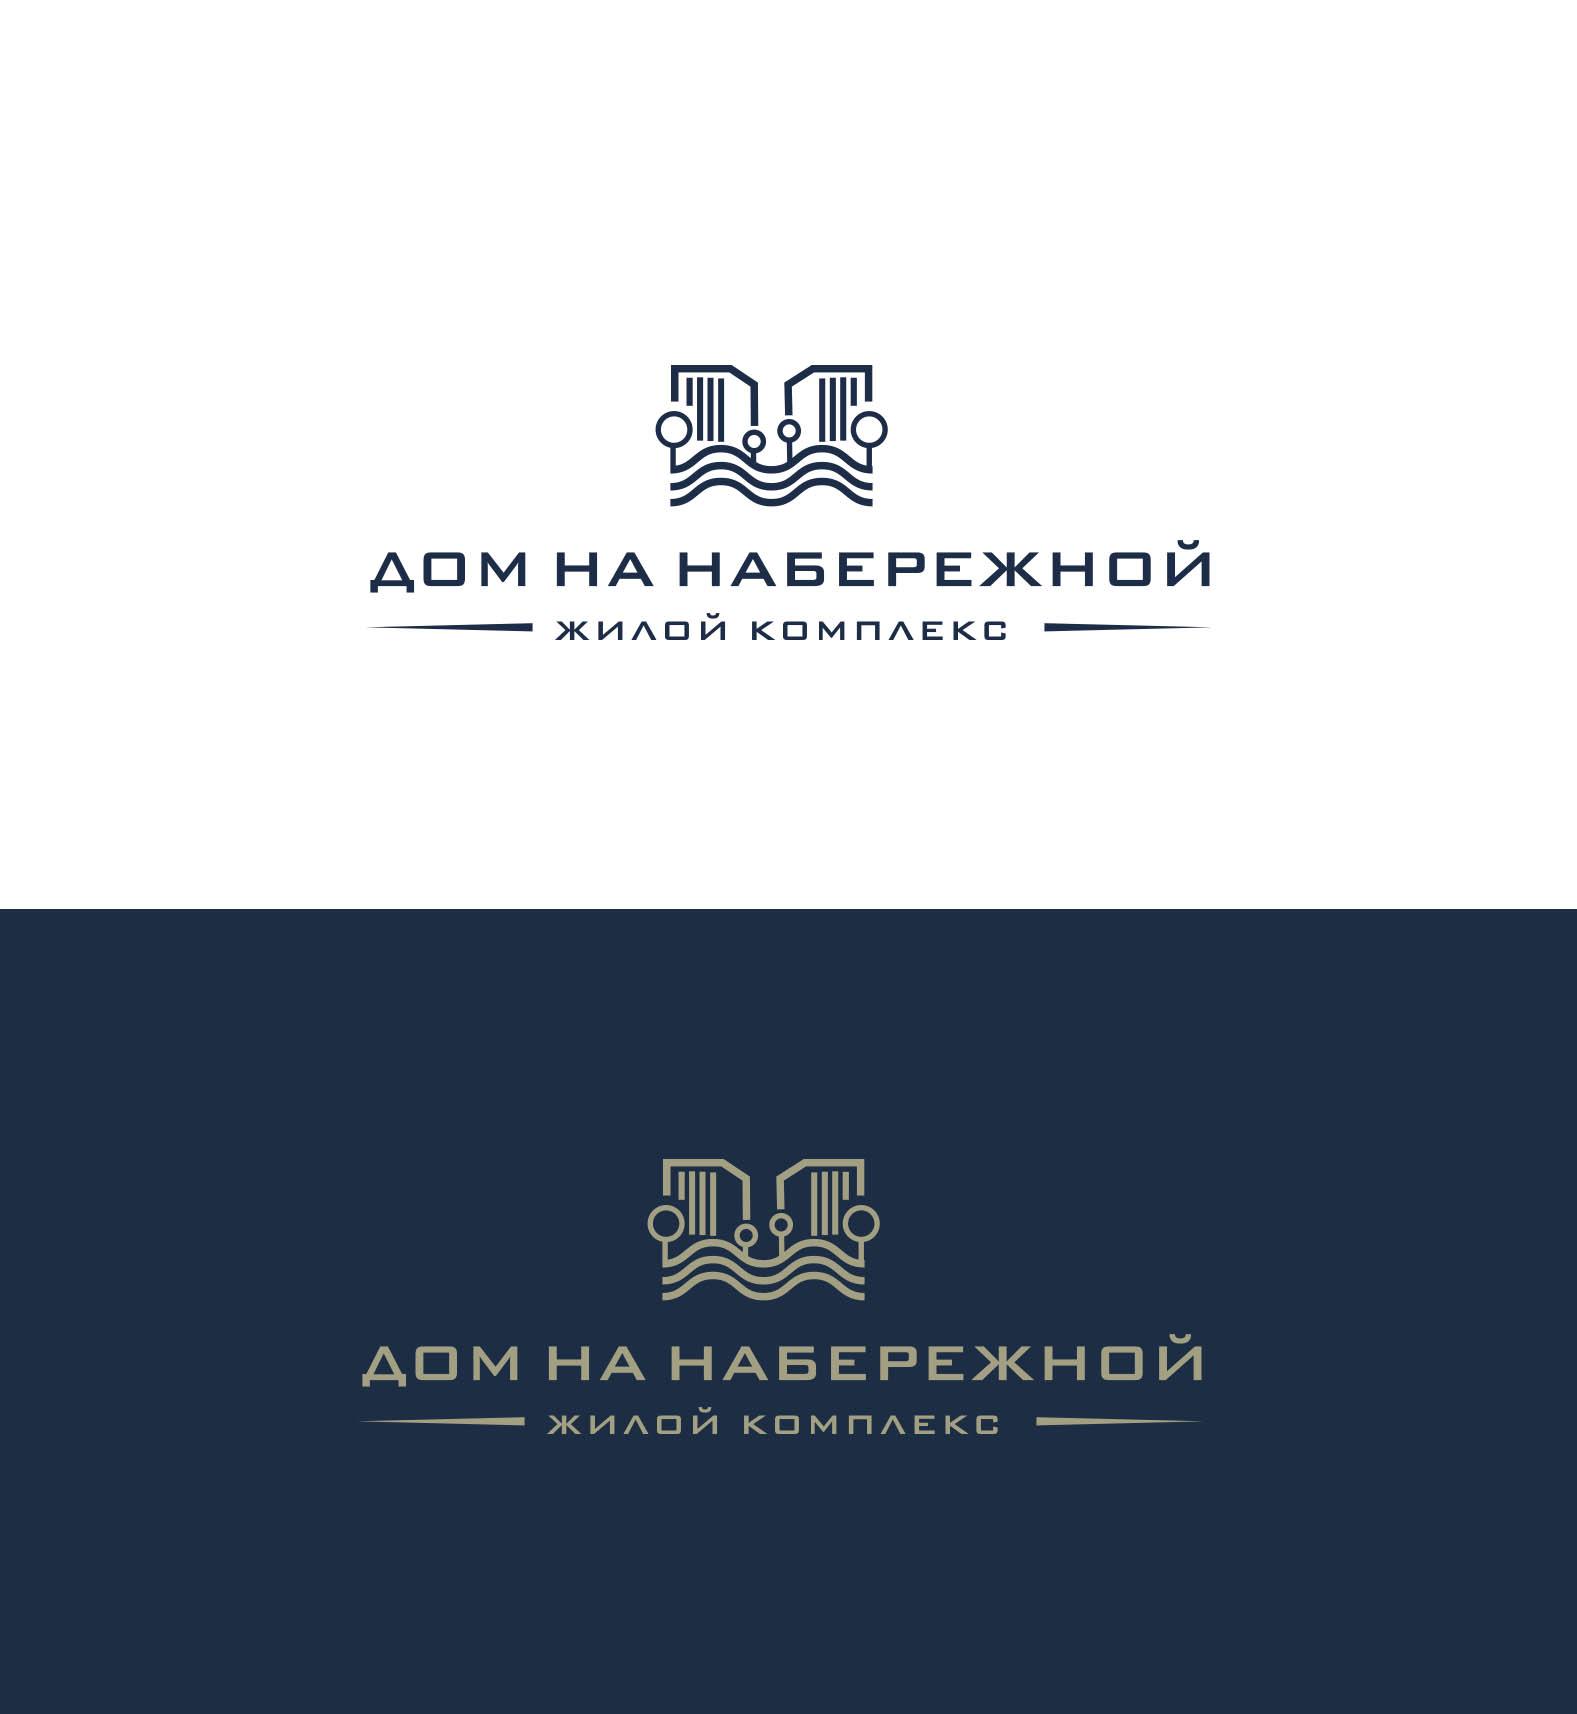 РАЗРАБОТКА логотипа для ЖИЛОГО КОМПЛЕКСА премиум В АНАПЕ.  фото f_2725dee7f31a8008.jpg